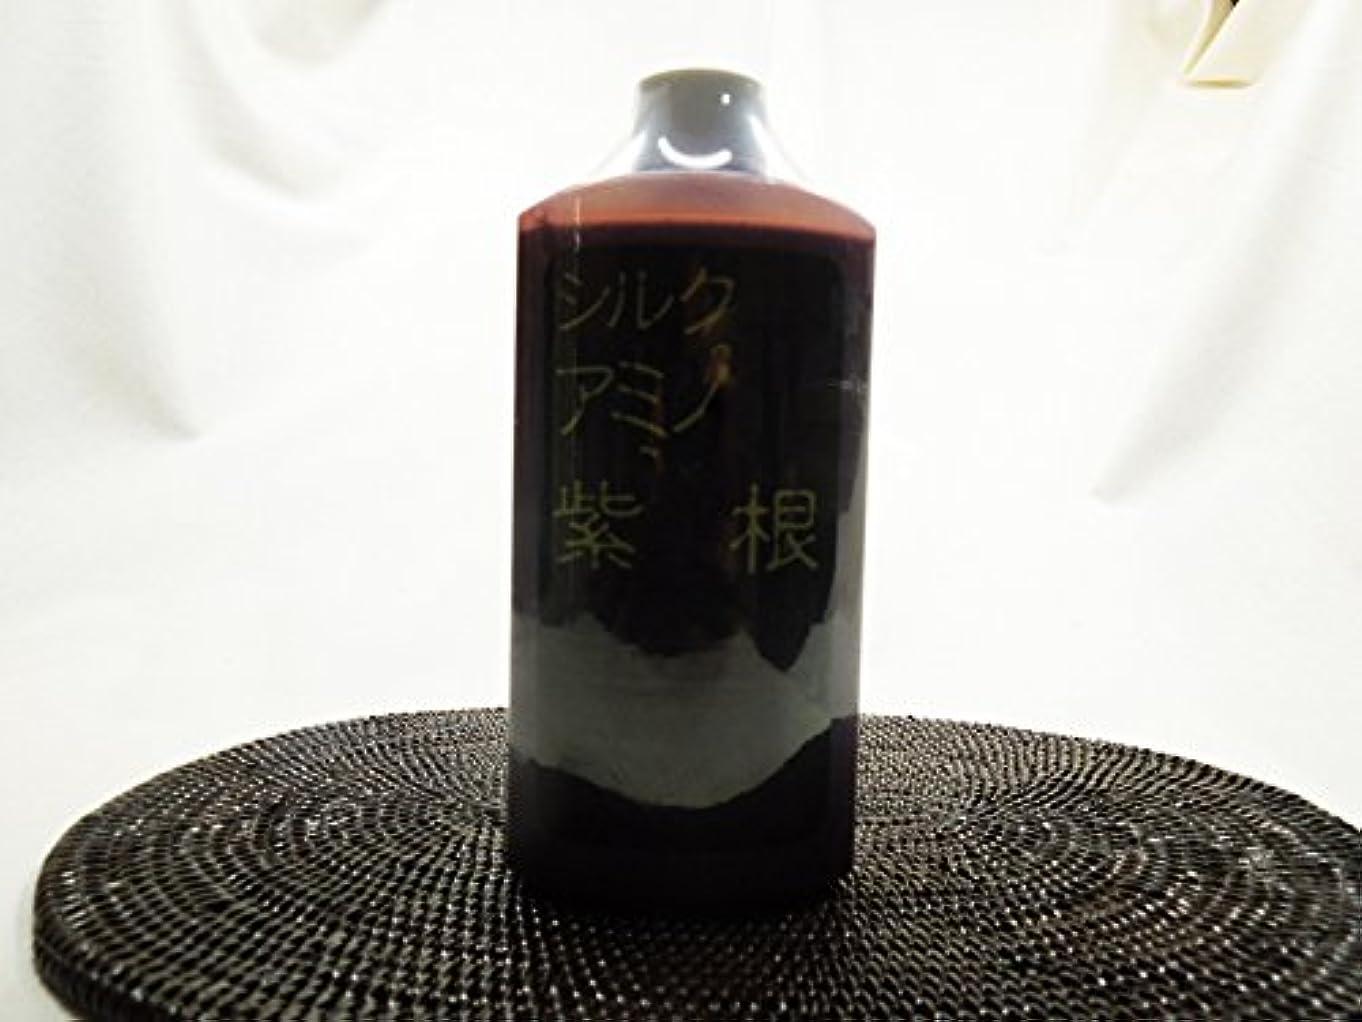 目に見える酔う鼓舞するMAGENTA バスビューティヘルス 【シルク×アミノ酸×紫根】 シルクアミノ高級バスエッセンス 310ml 日本製